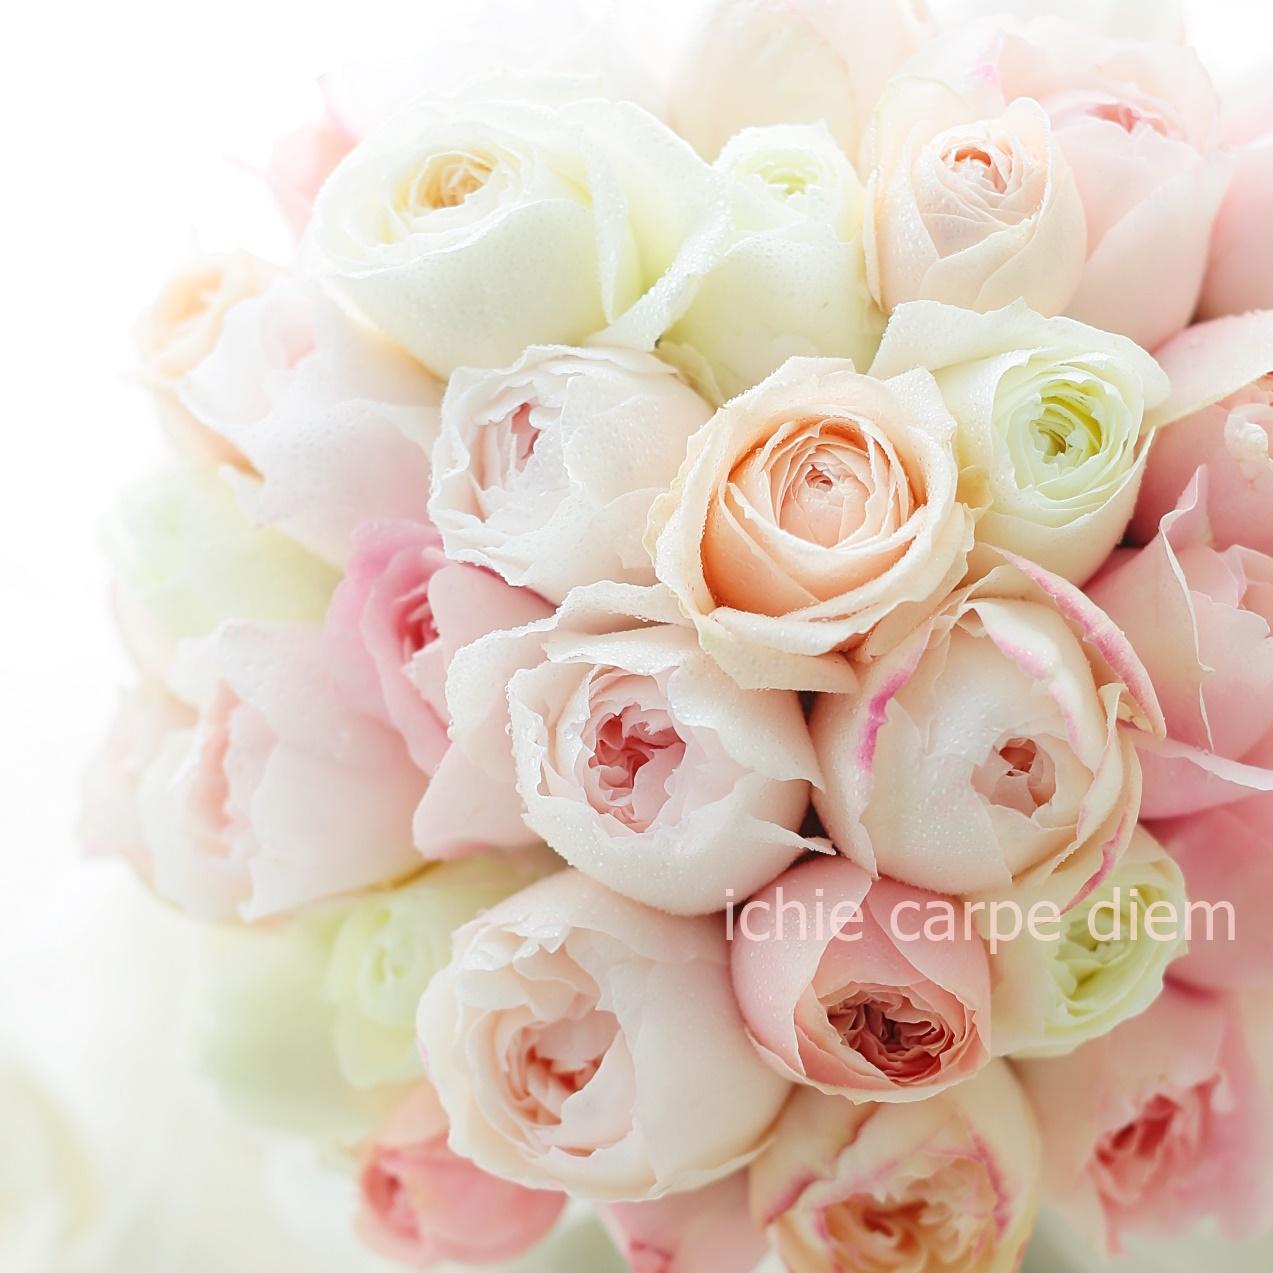 クラッチブーケ ザ・リッツカールトン東京さまへ ほのかなピンクのバラだけで_a0042928_10402061.jpg